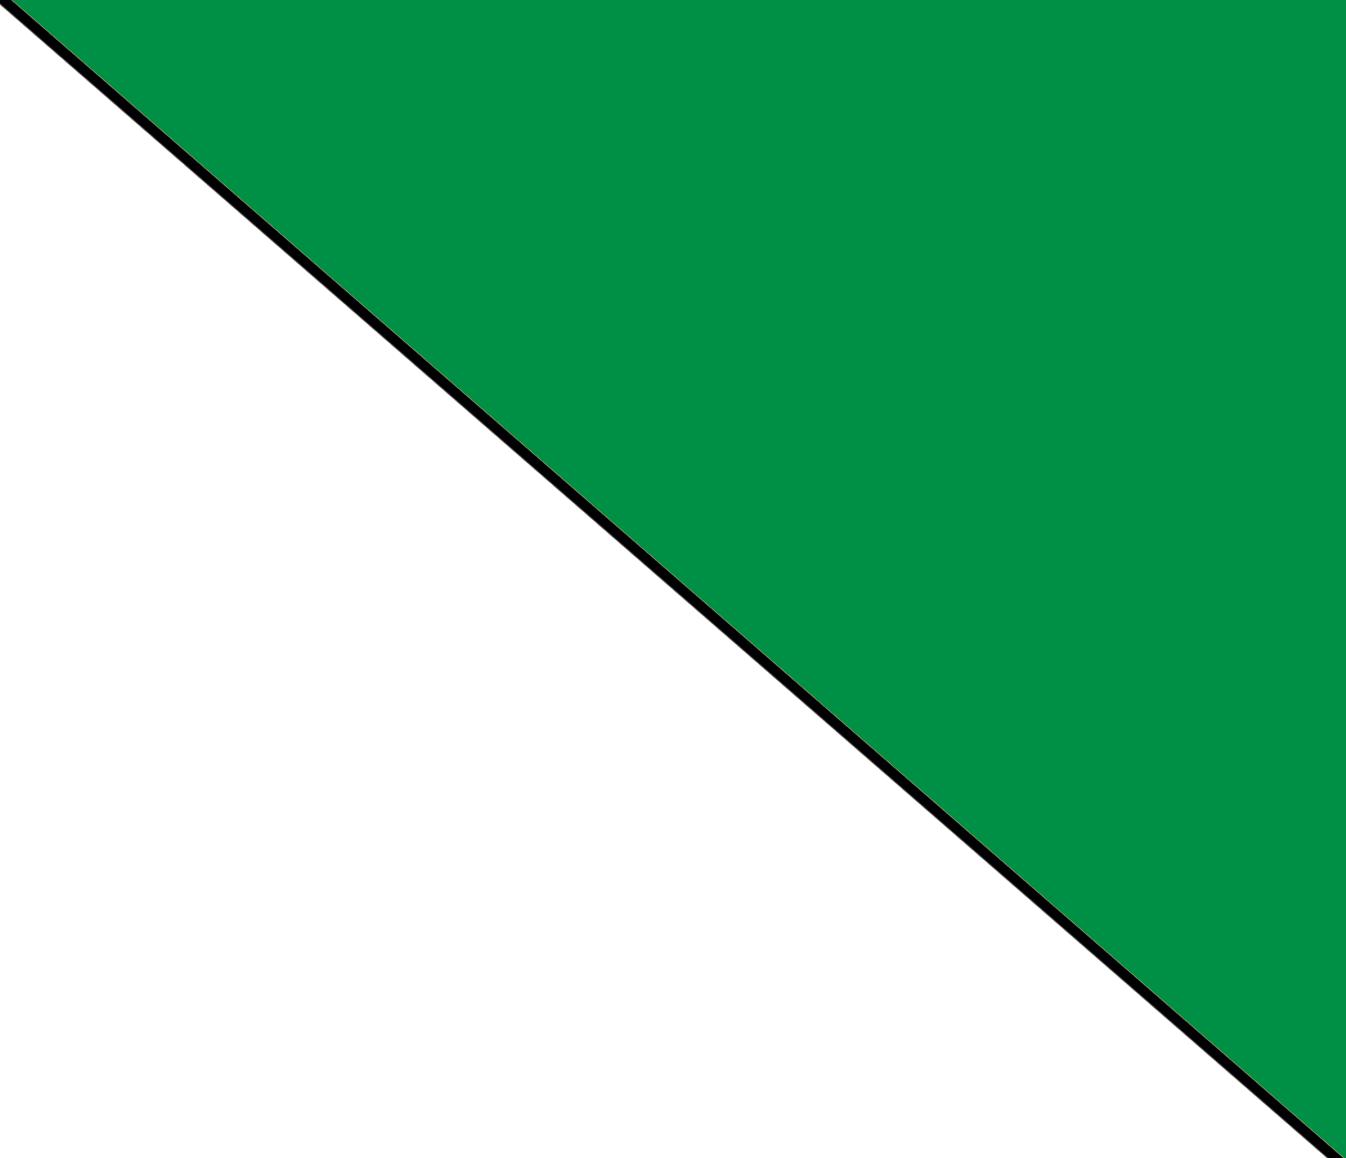 blanco-verde kelly